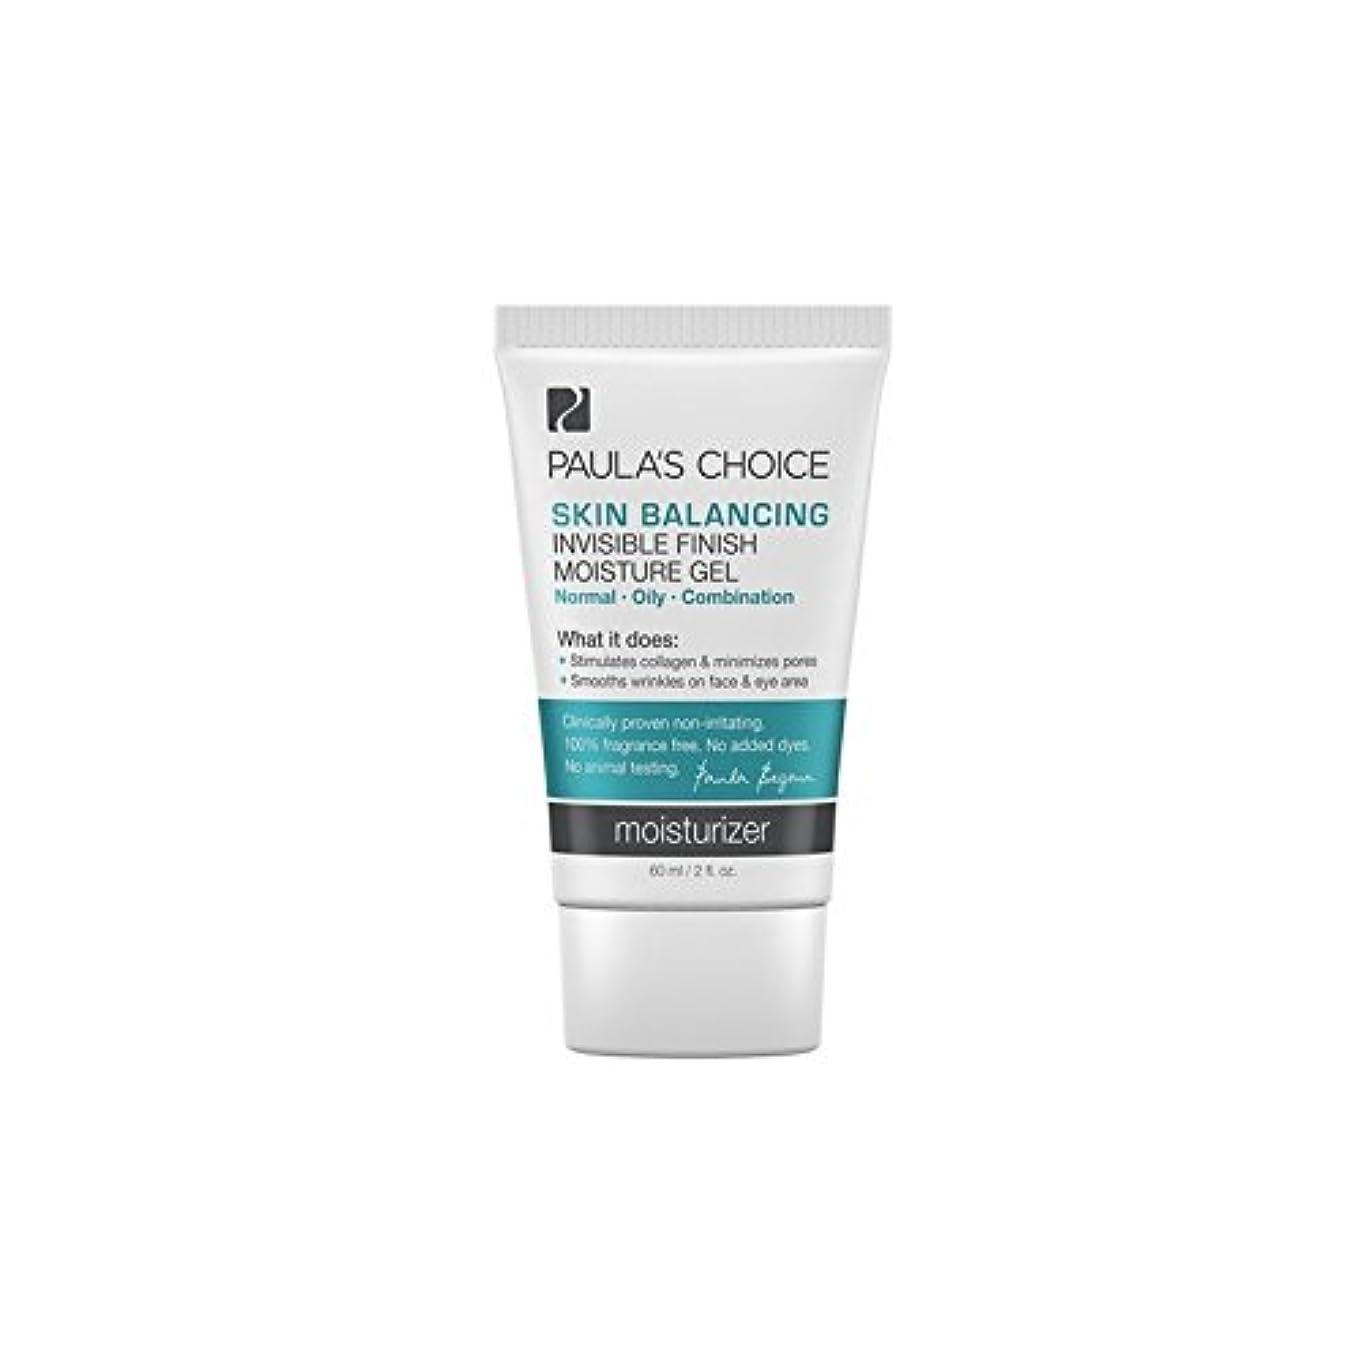 巨人権限を与える召集するPaula's Choice Skin Balancing Invisible Finish Moisture Gel (60ml) (Pack of 6) - ポーラチョイスの肌のバランス目に見えない仕上がり水分ゲル(...